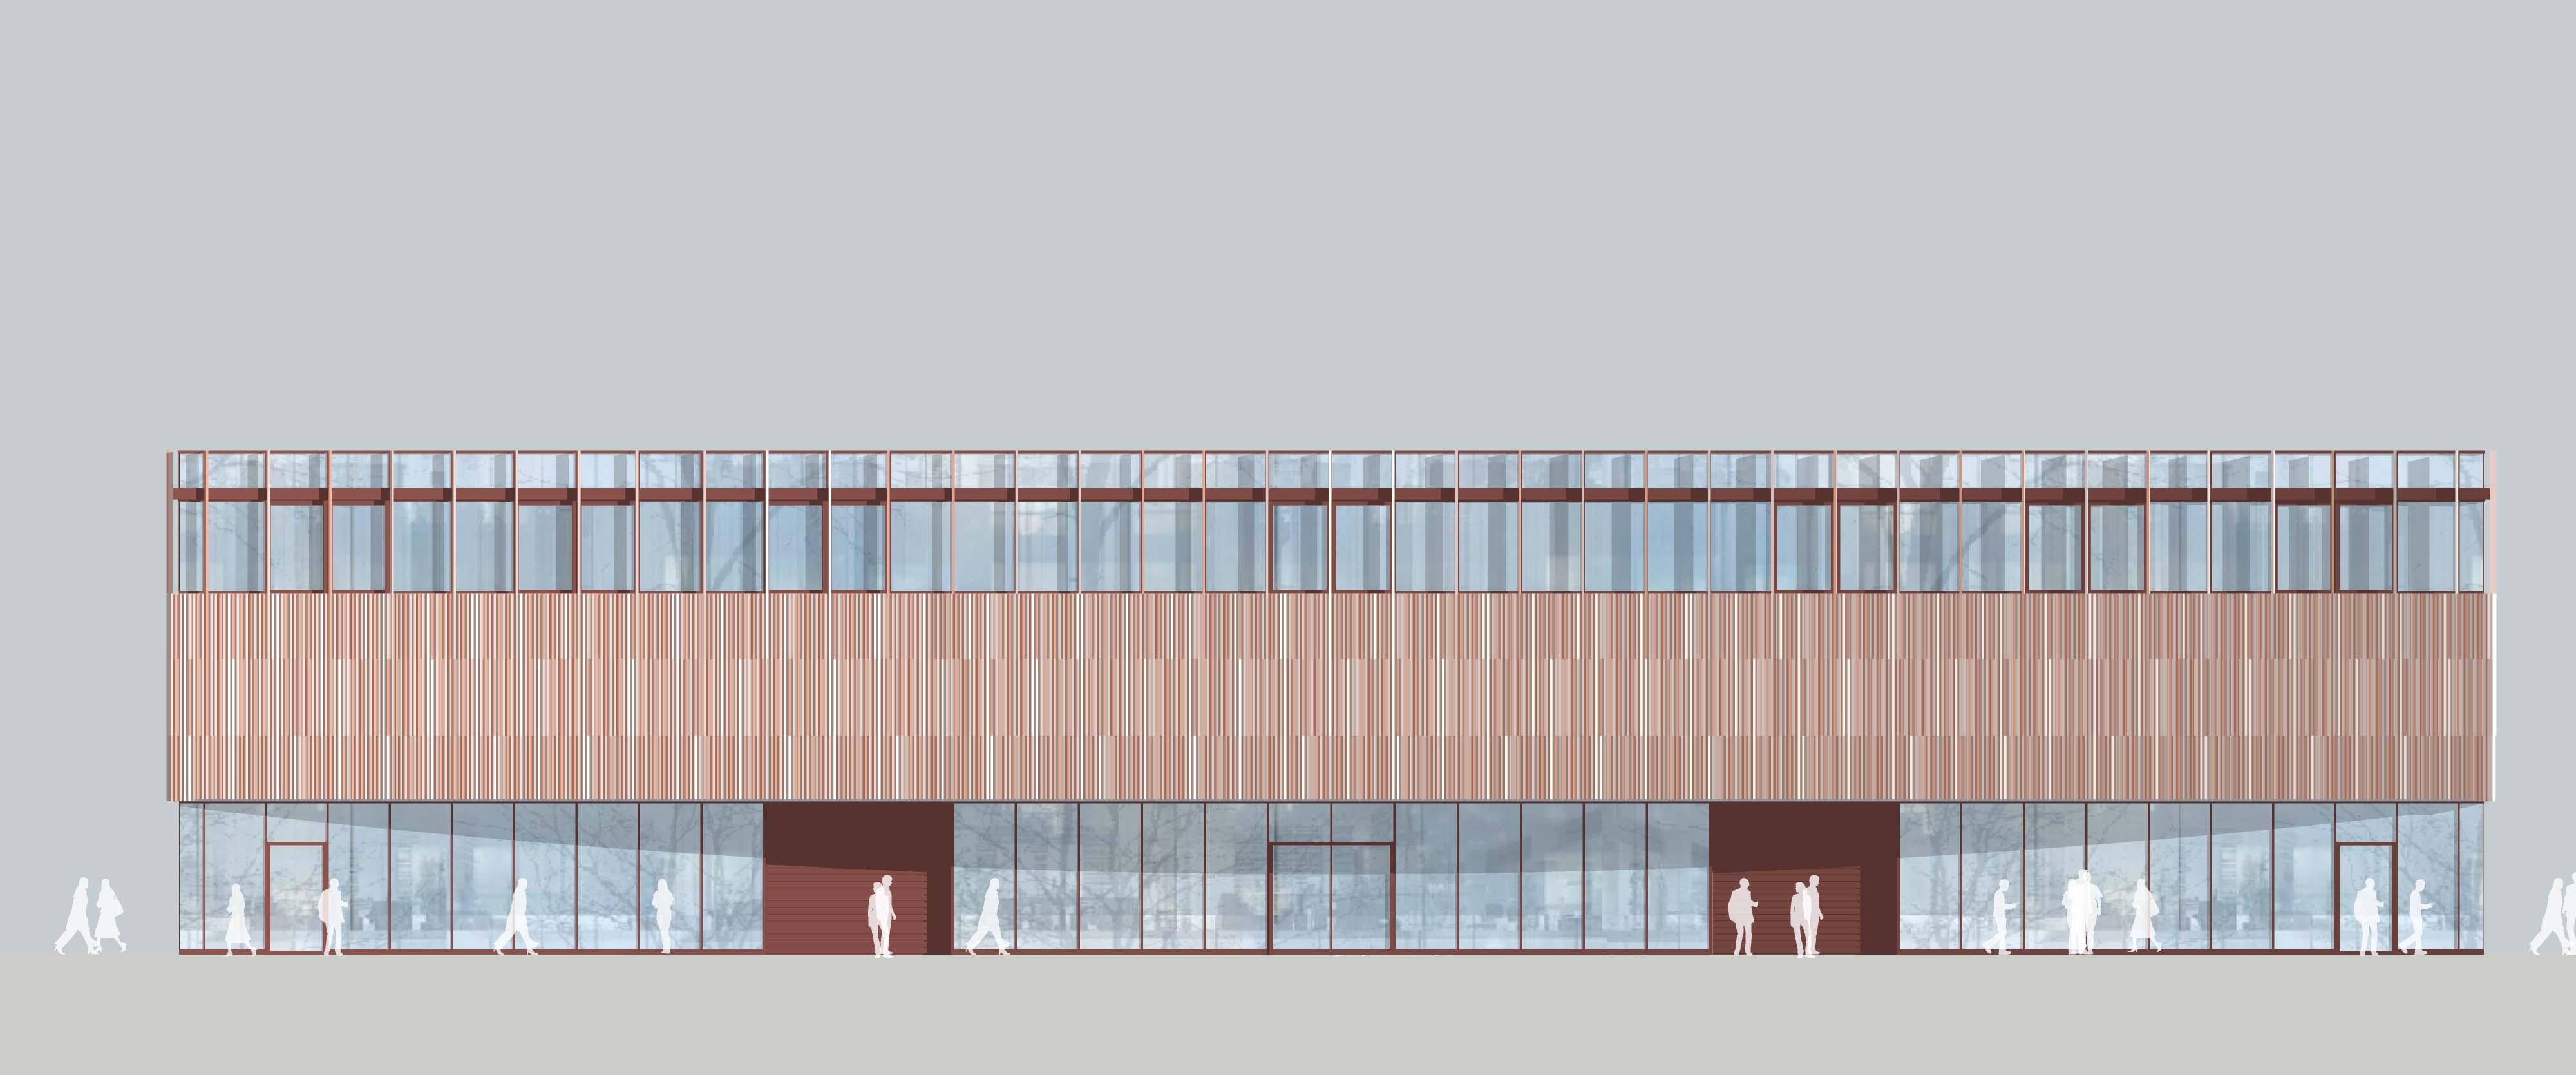 Baugenehmigung Aurelis Real Estate Triebwerk - Baufeld 3b